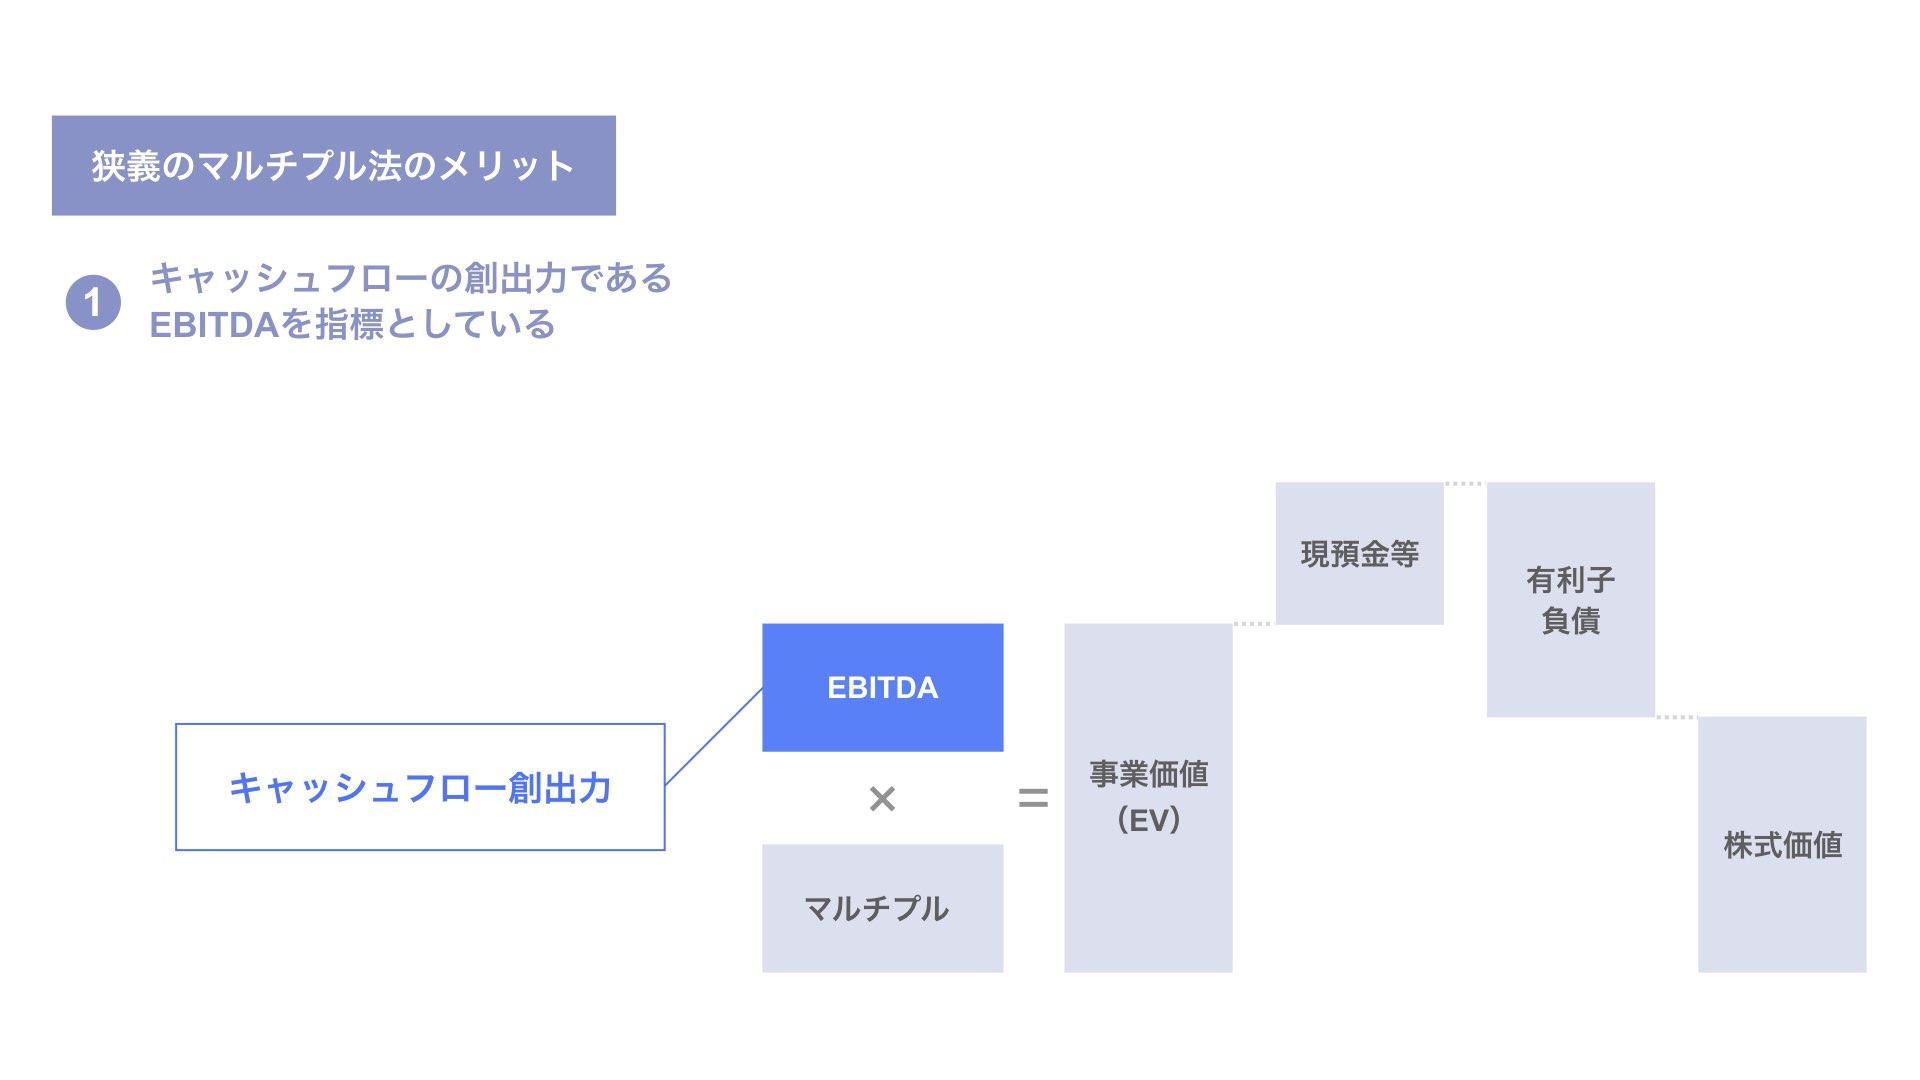 対象会社のキャッシュフローの創出力を表すEBITDAを計算指標としている